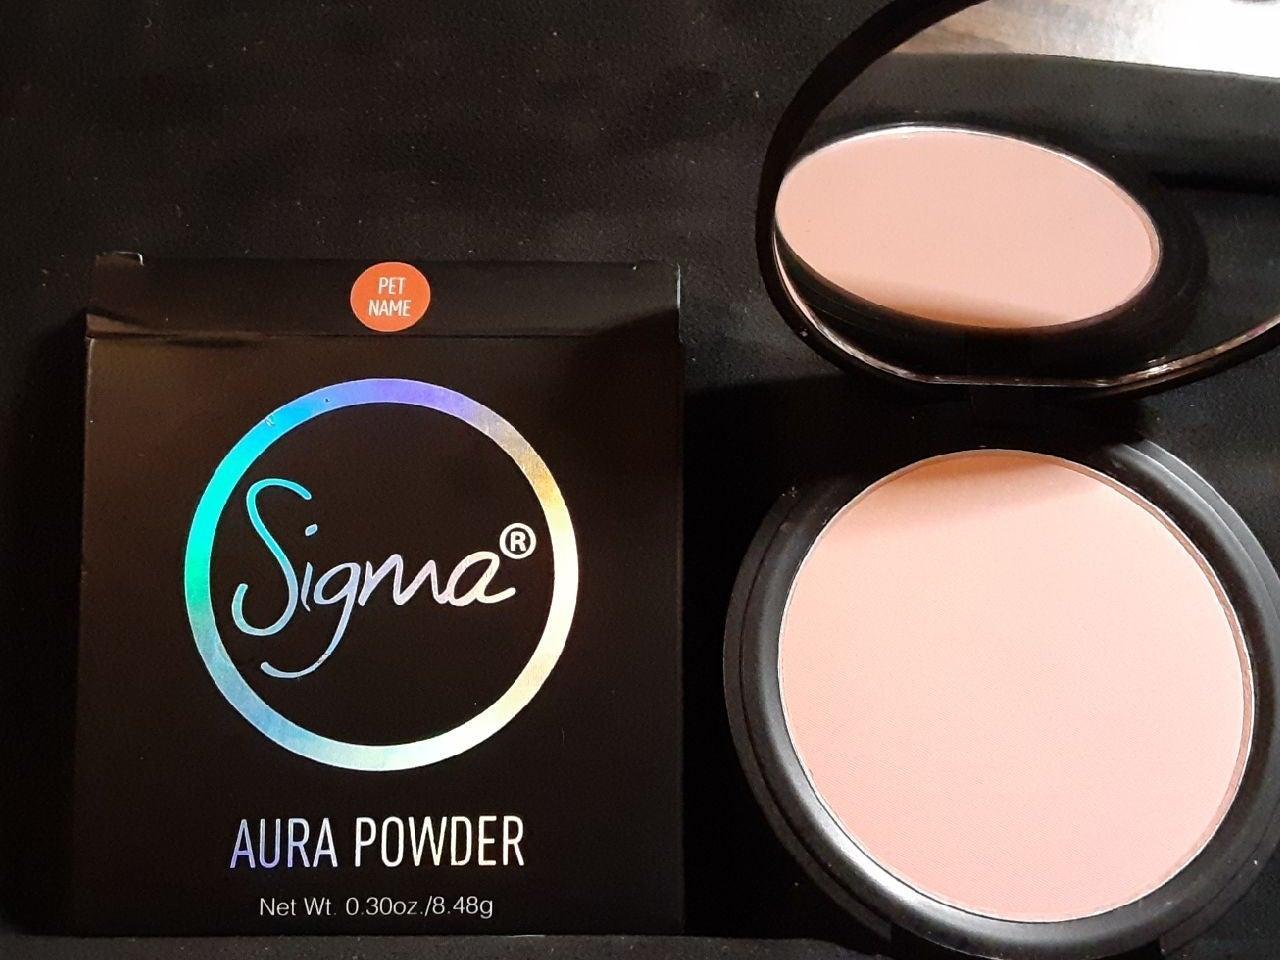 Aura Powder - Face Powder